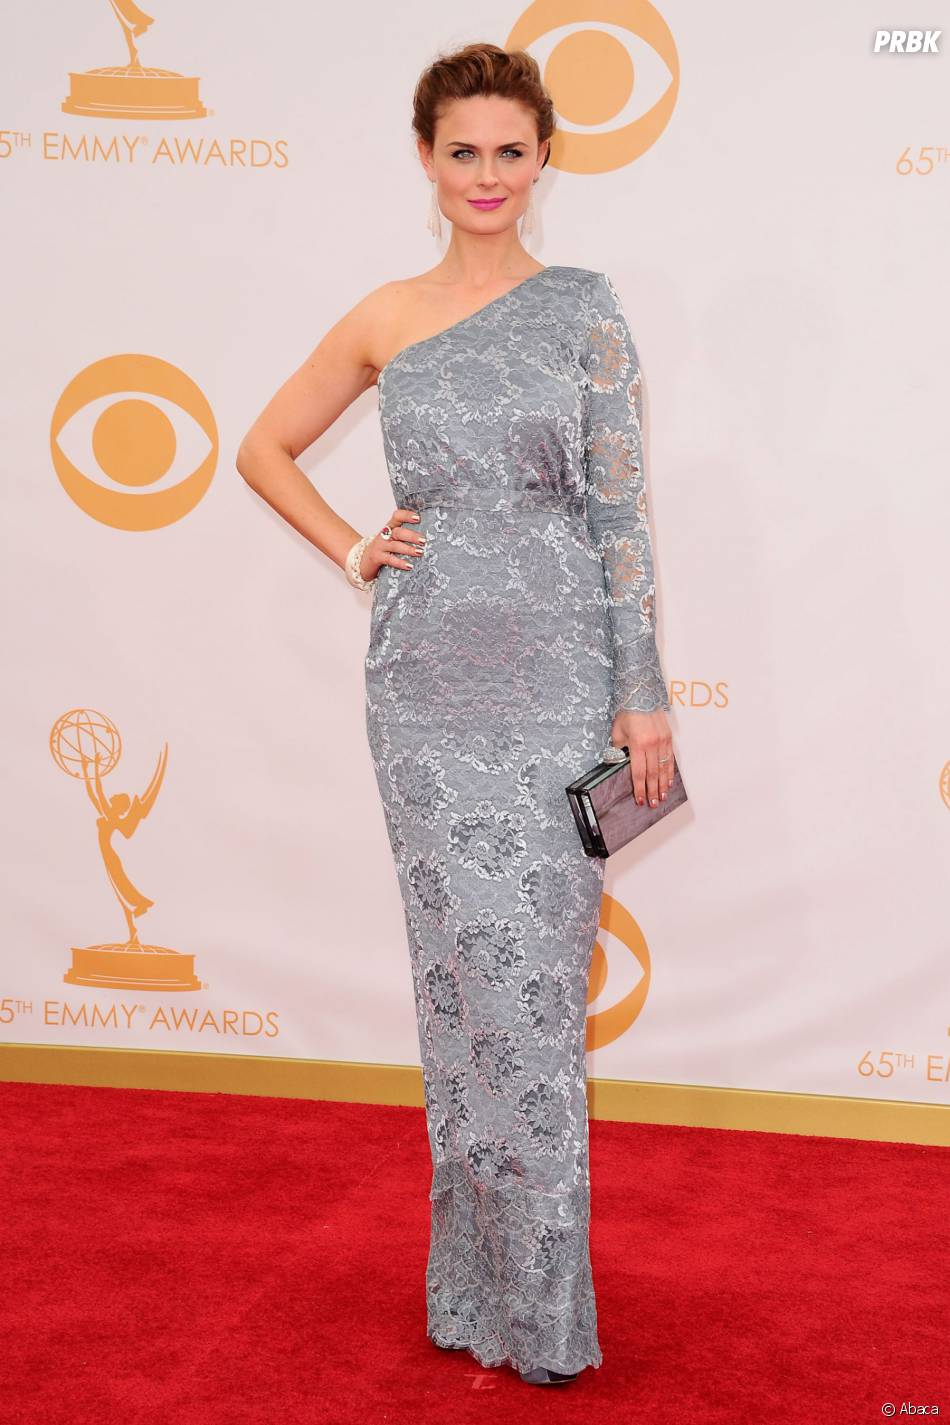 Emily Deschanel aux Emmy Awards 2013 le 22 septembre 2013 à Los Angeles